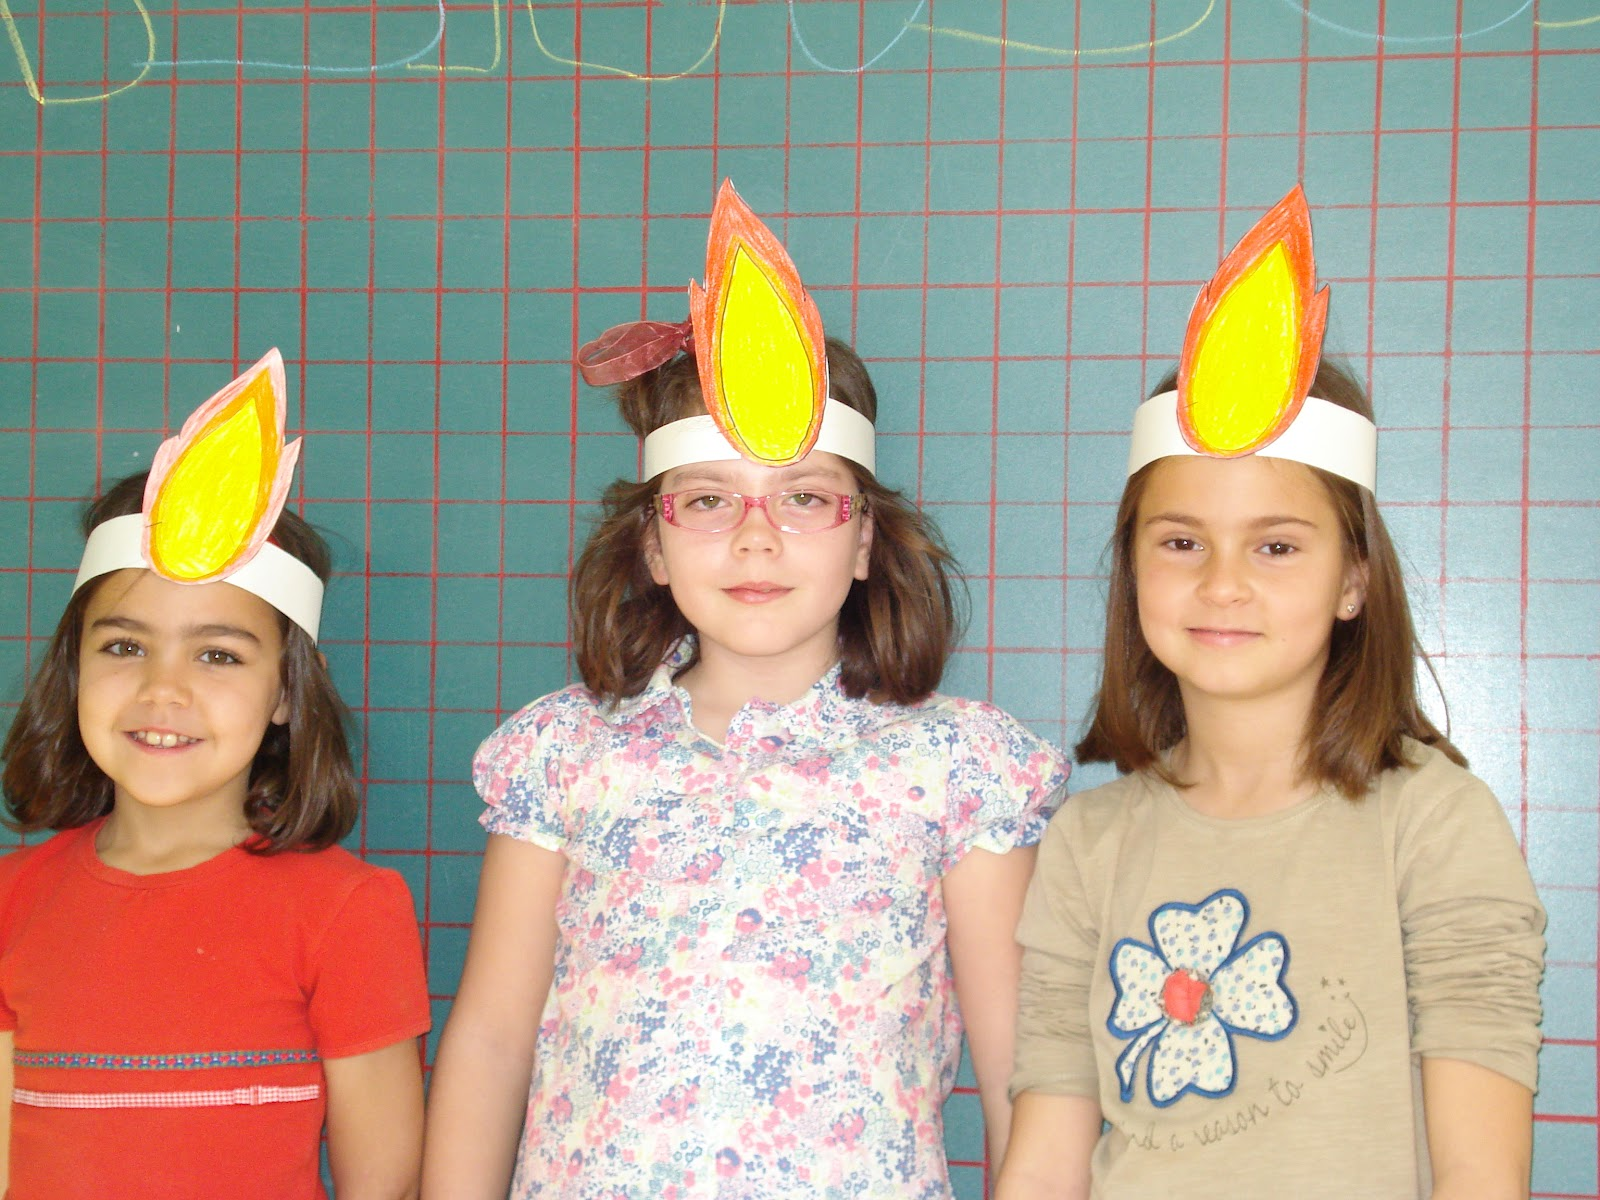 Clasedereli Niños Del Mundo: Clasedereli: Mayo 2012